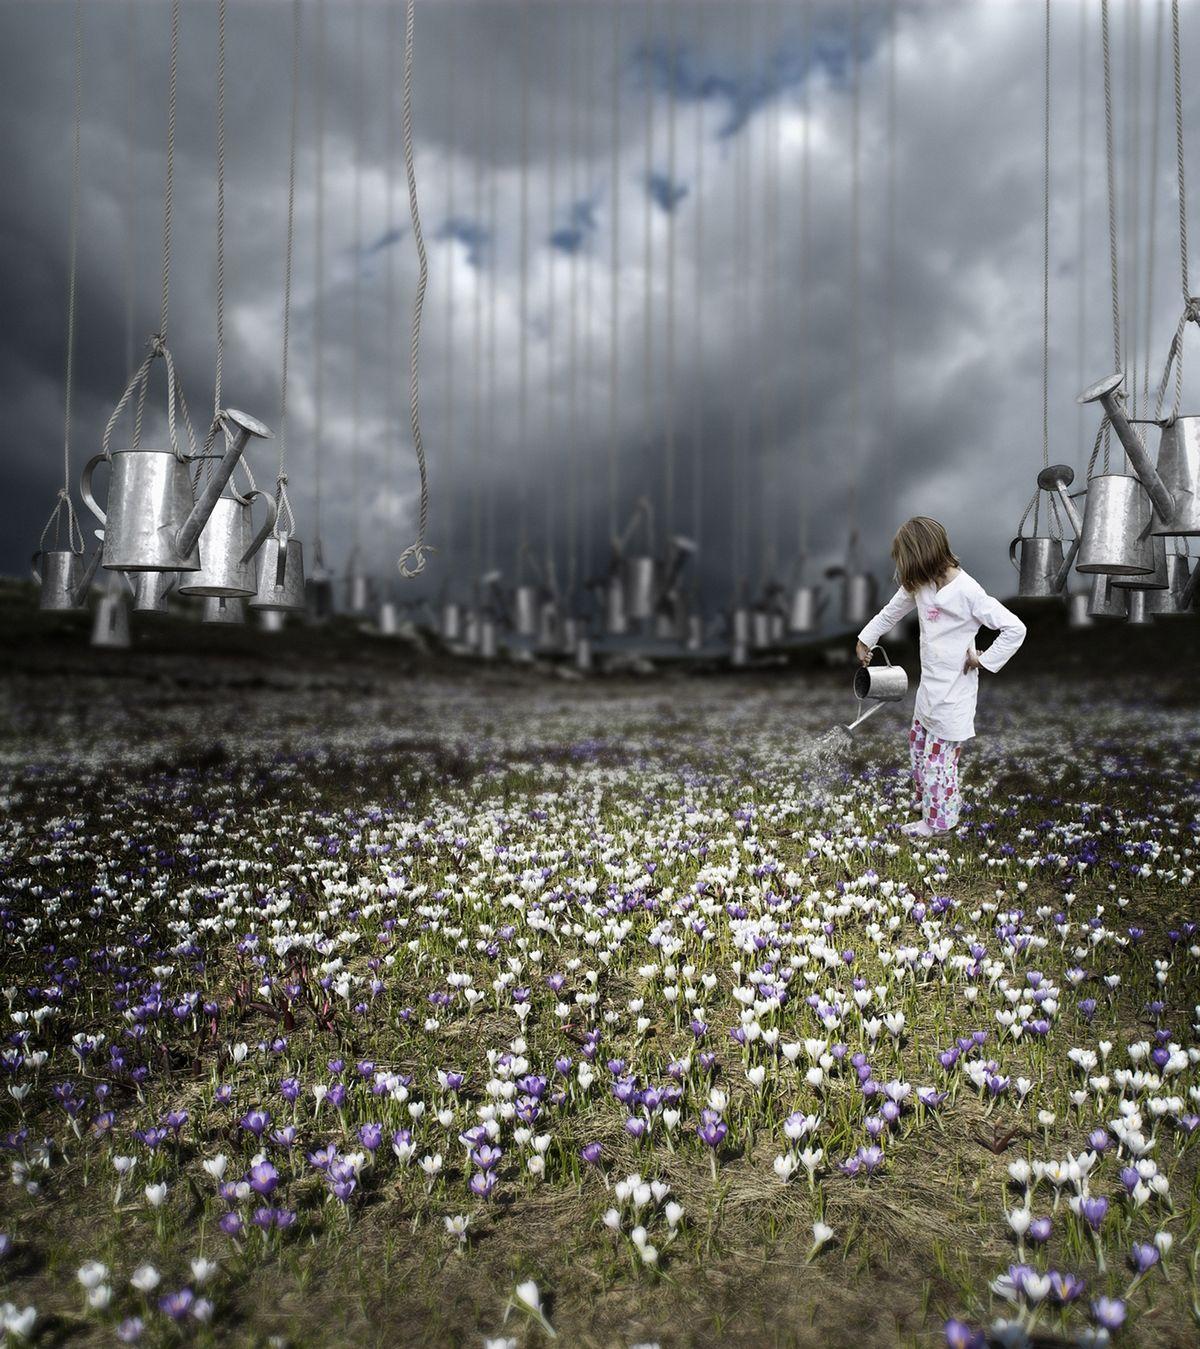 Photo La dernière pluie - Alastair Magnaldo